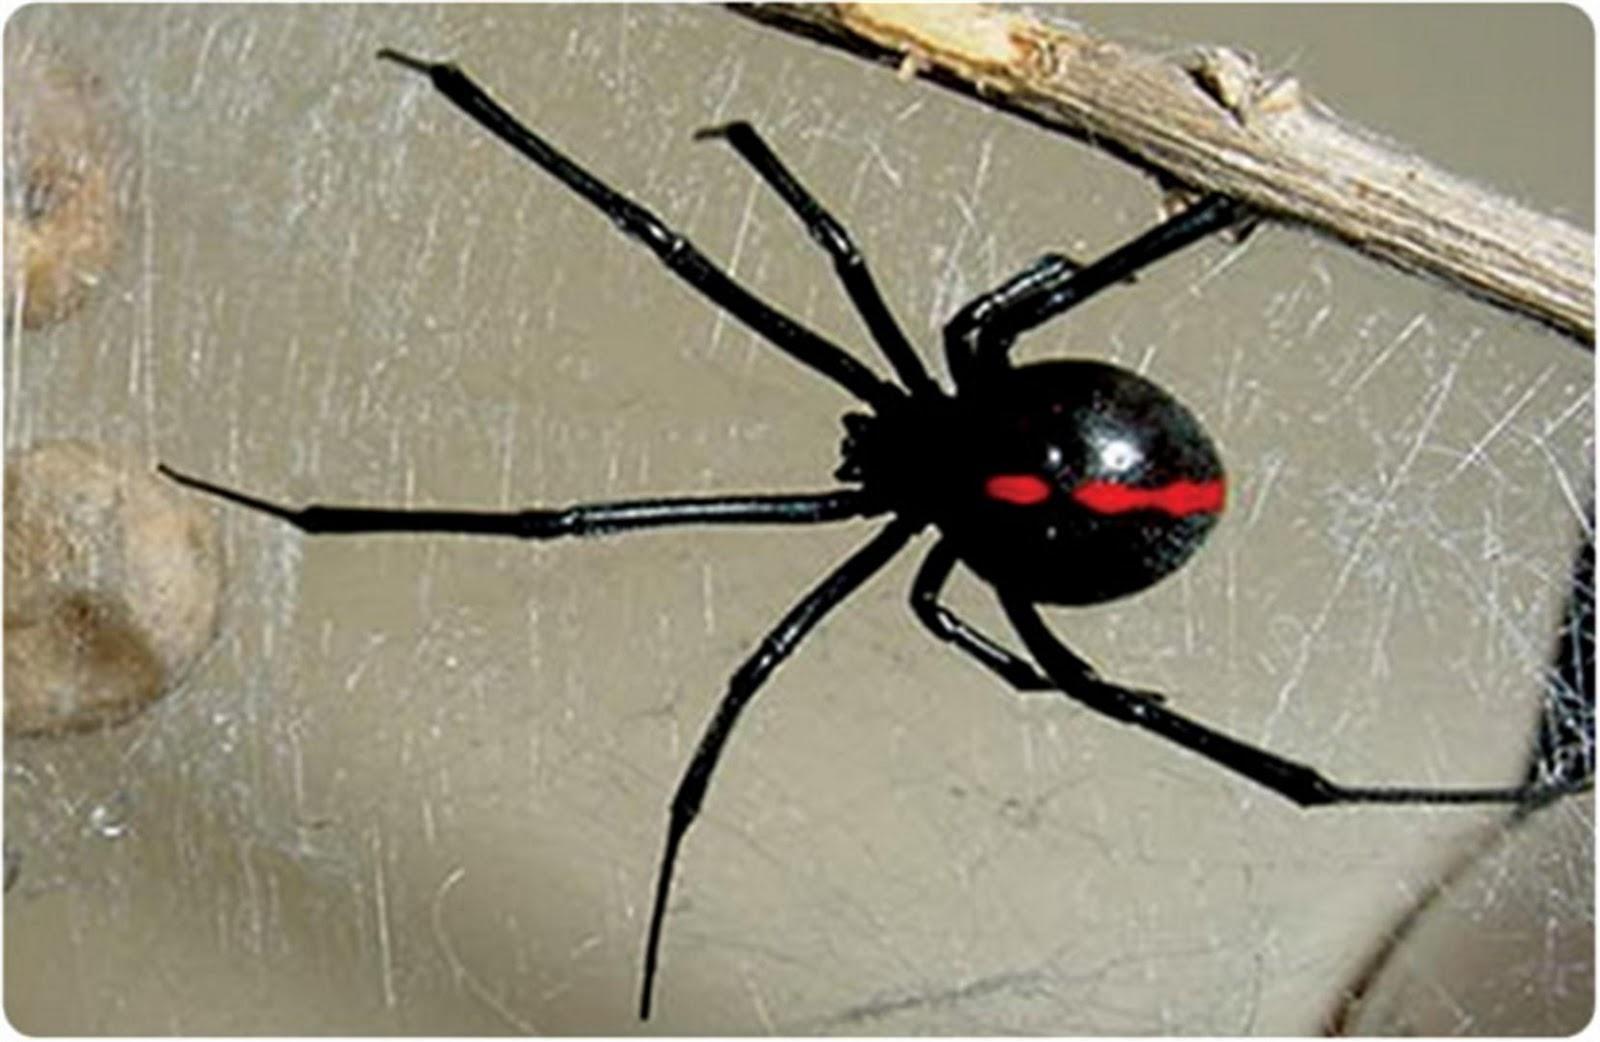 El refugio las 10 especies m s venenosas del mundo - Insectos en casa fotos ...